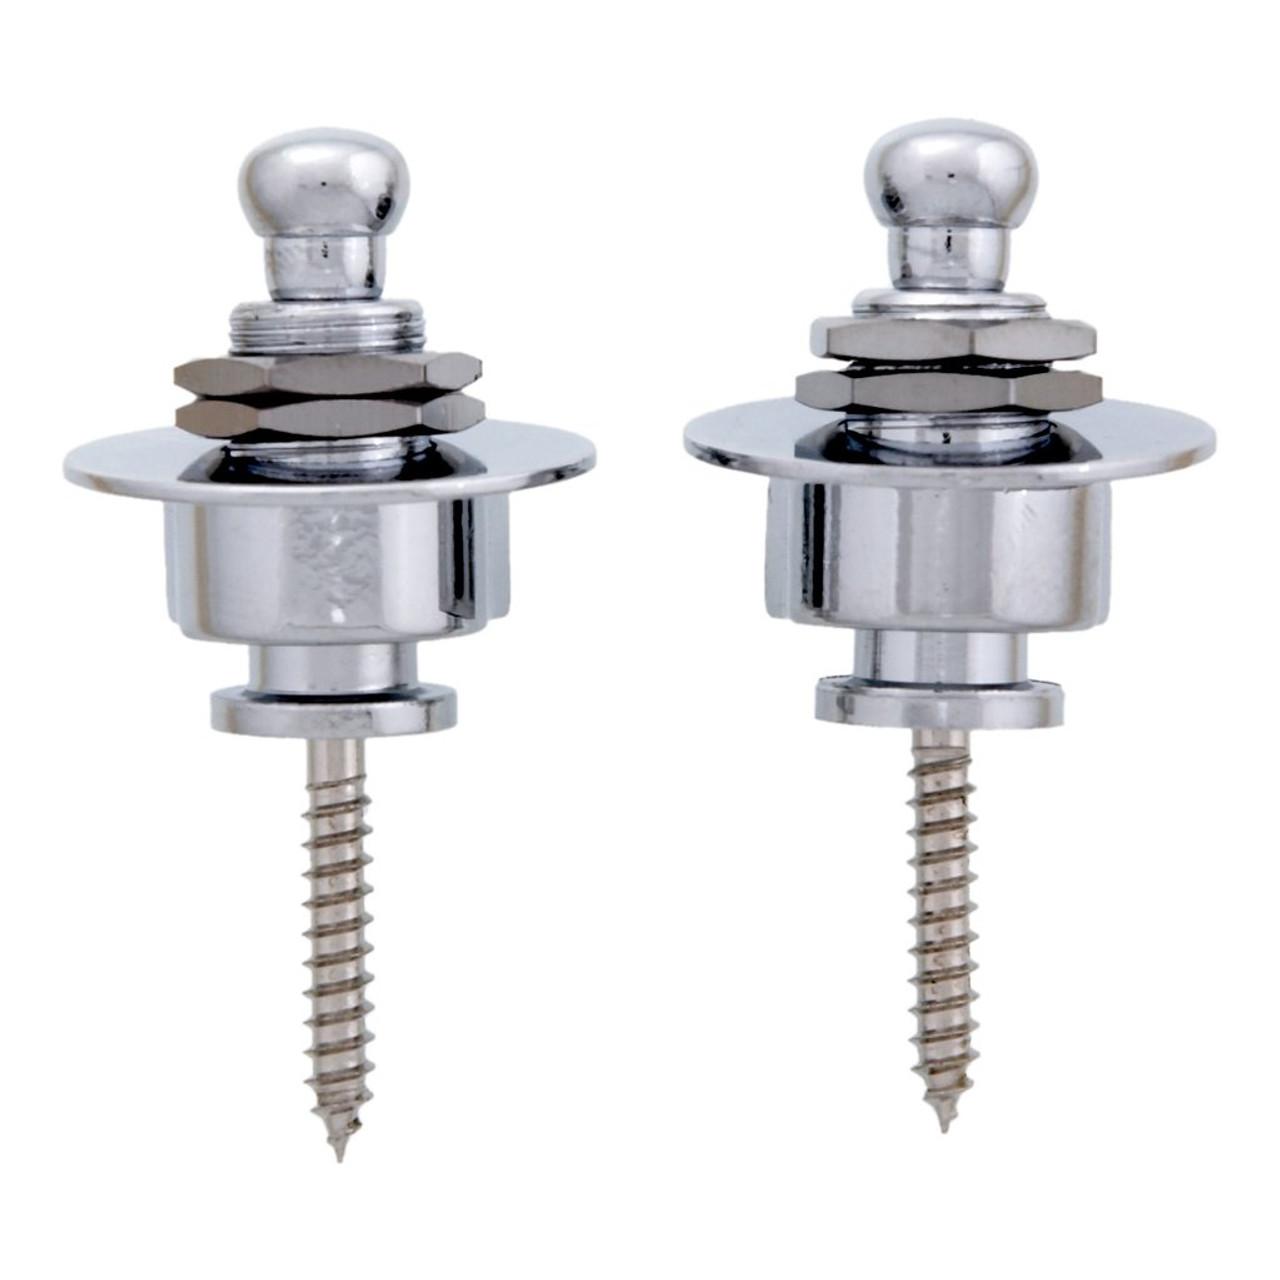 Schaller Style Strap Locks - Chrome (pair)